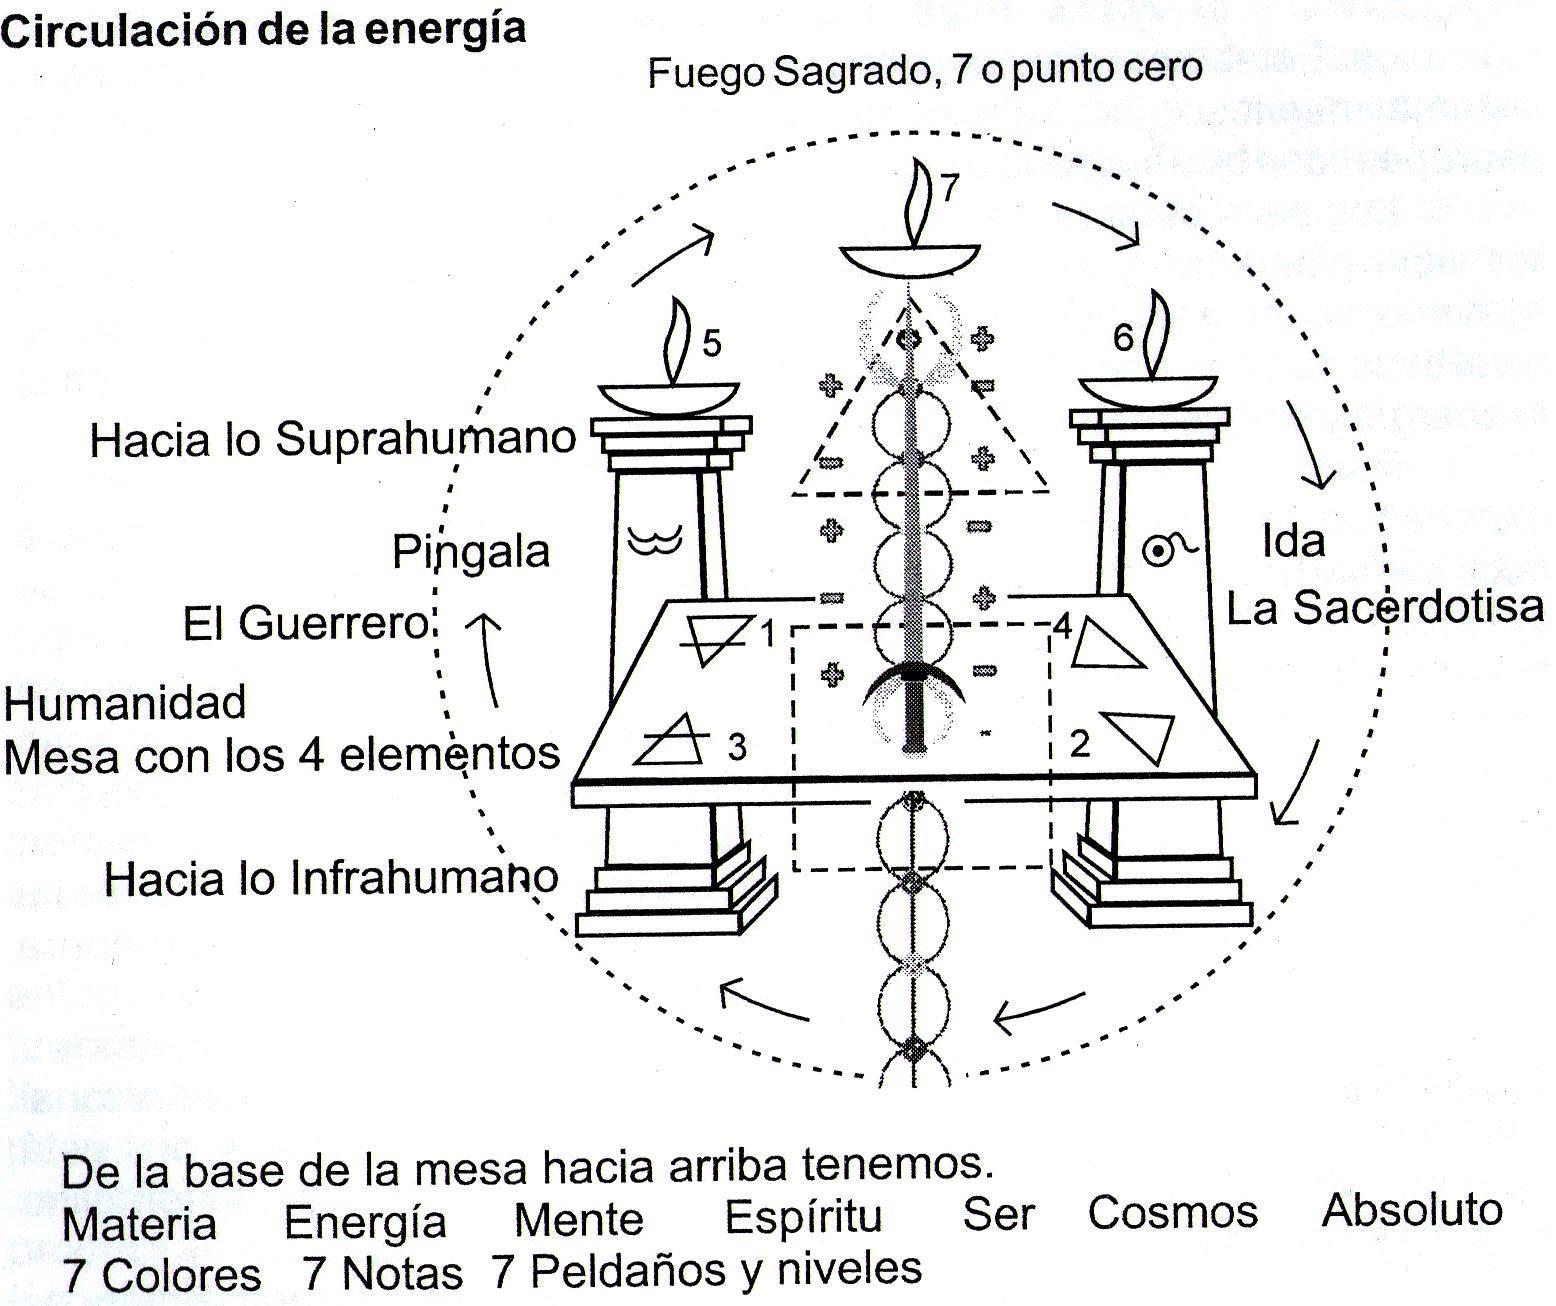 CIRCULACION DE ELECTRONES 0843af80c3e2